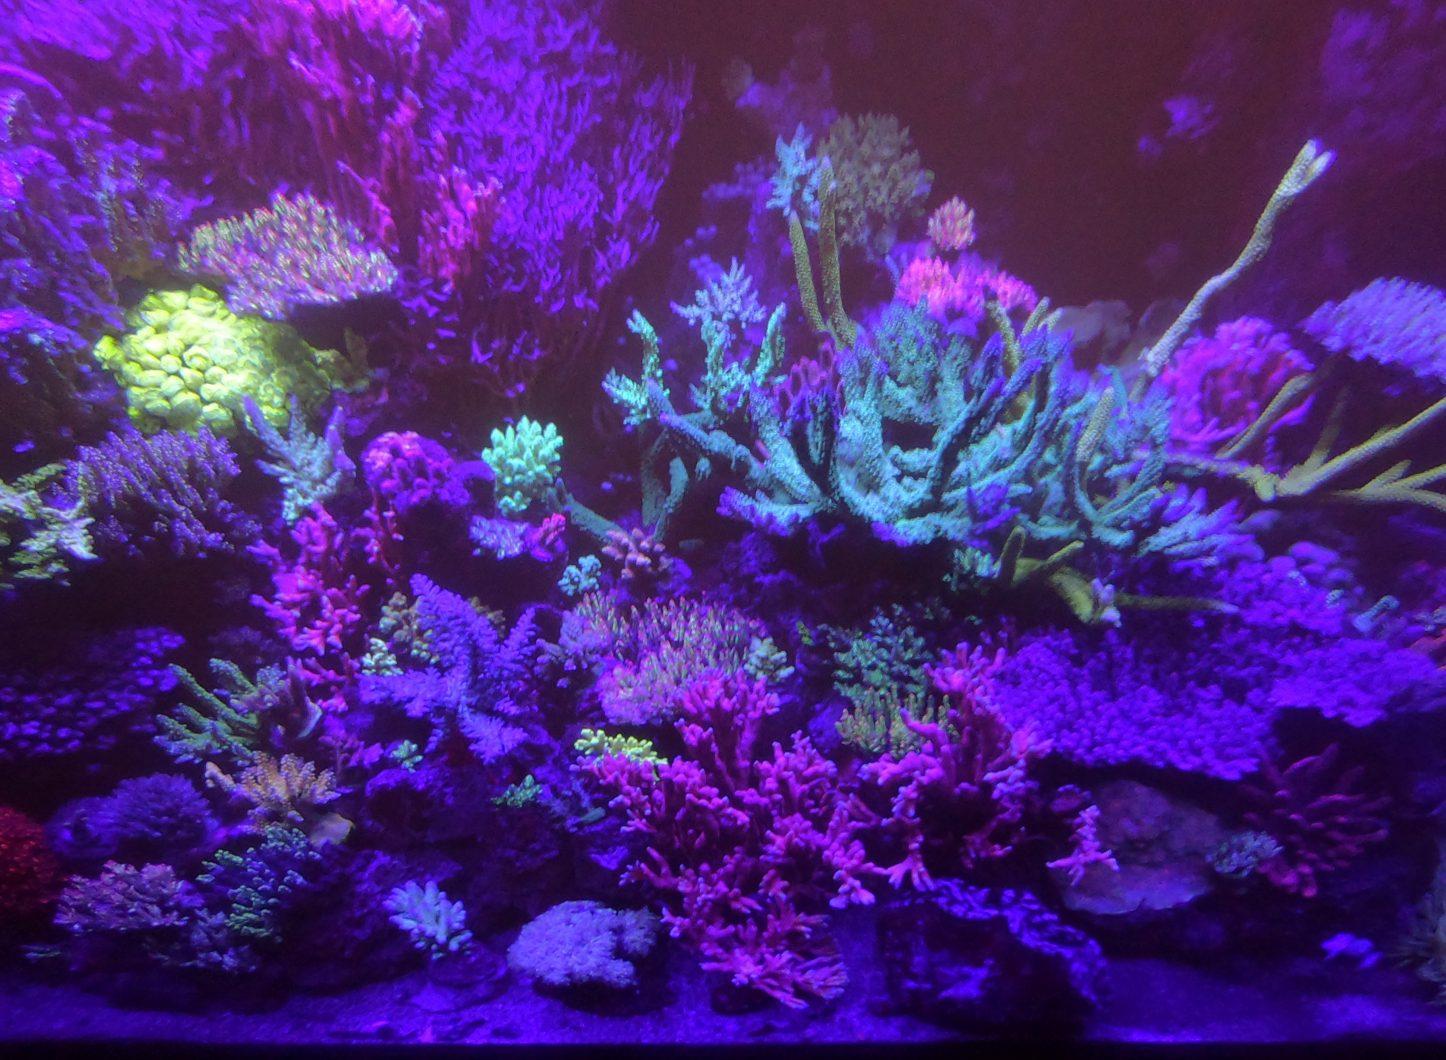 ఆర్ఫెక్ LED లైటింగ్ ద్వారా అద్భుతమైన పగడపు పెరుగుదల